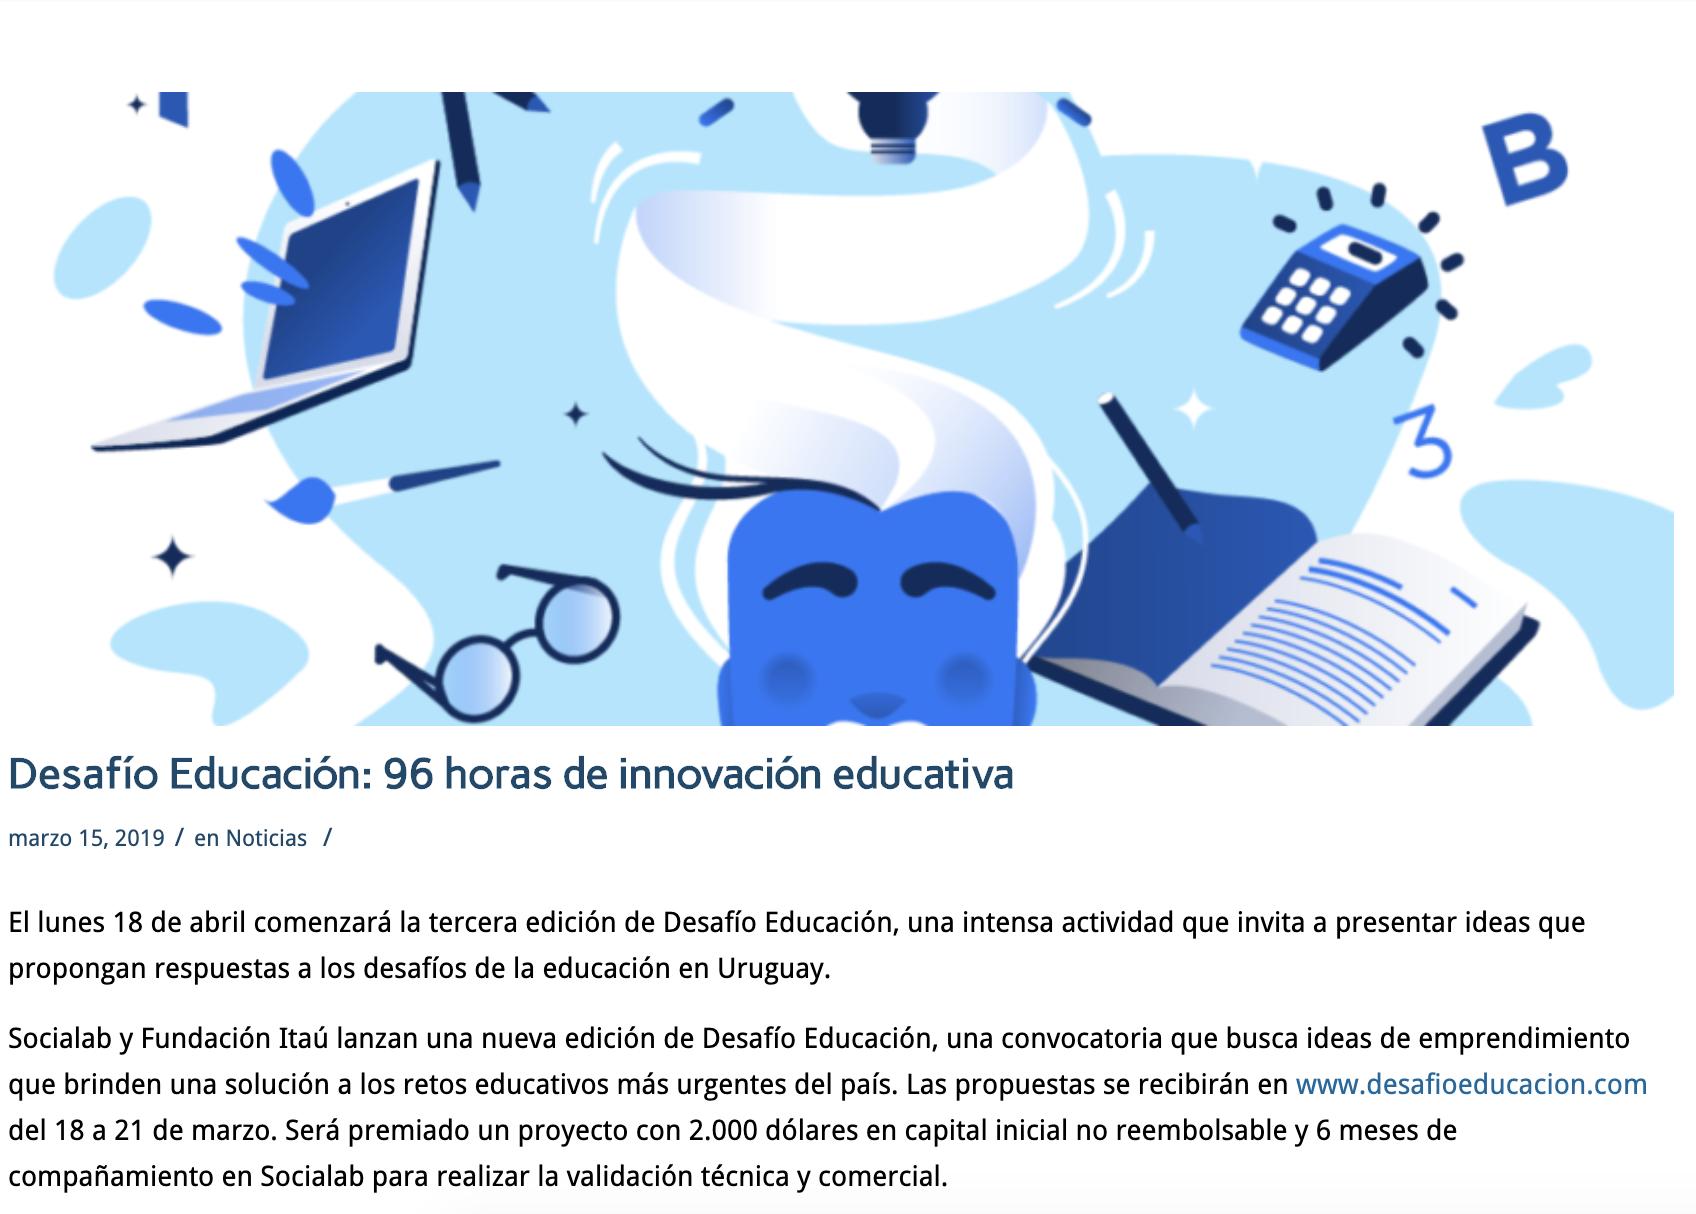 Desafío Educación: 96 horas de innovación educativa -